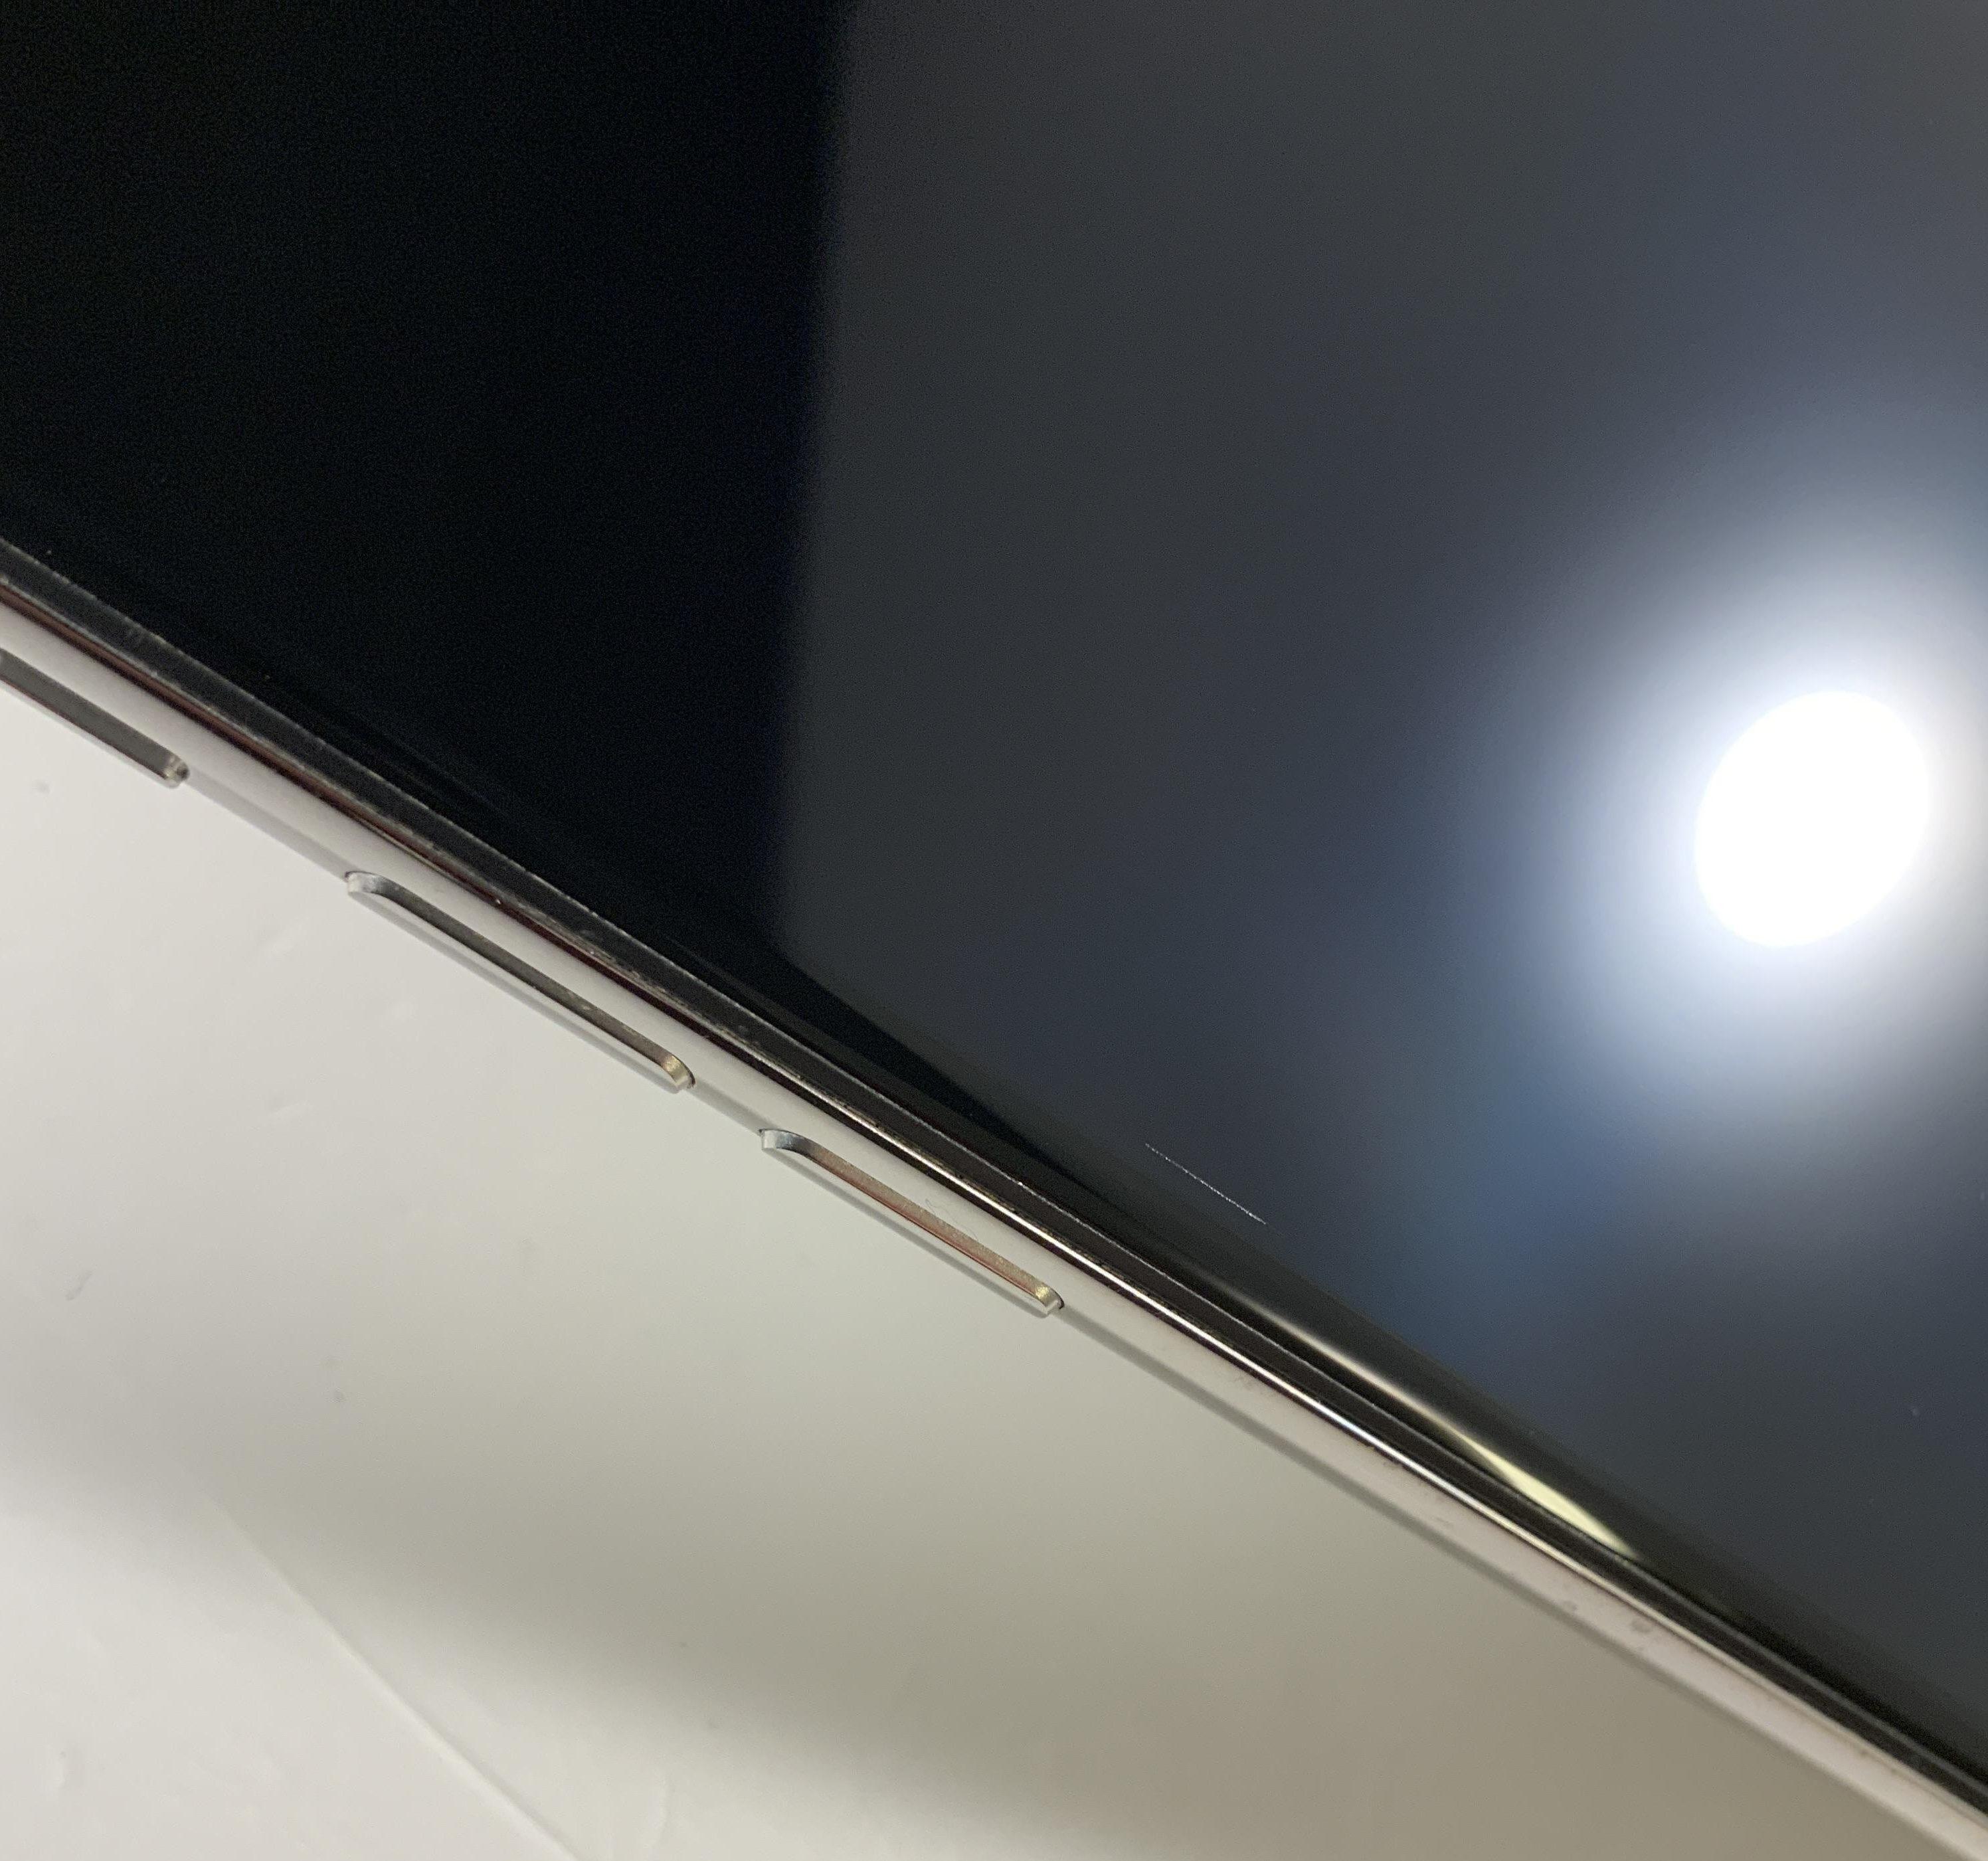 iPhone XS Max 256GB, 256GB, Silver, bild 3